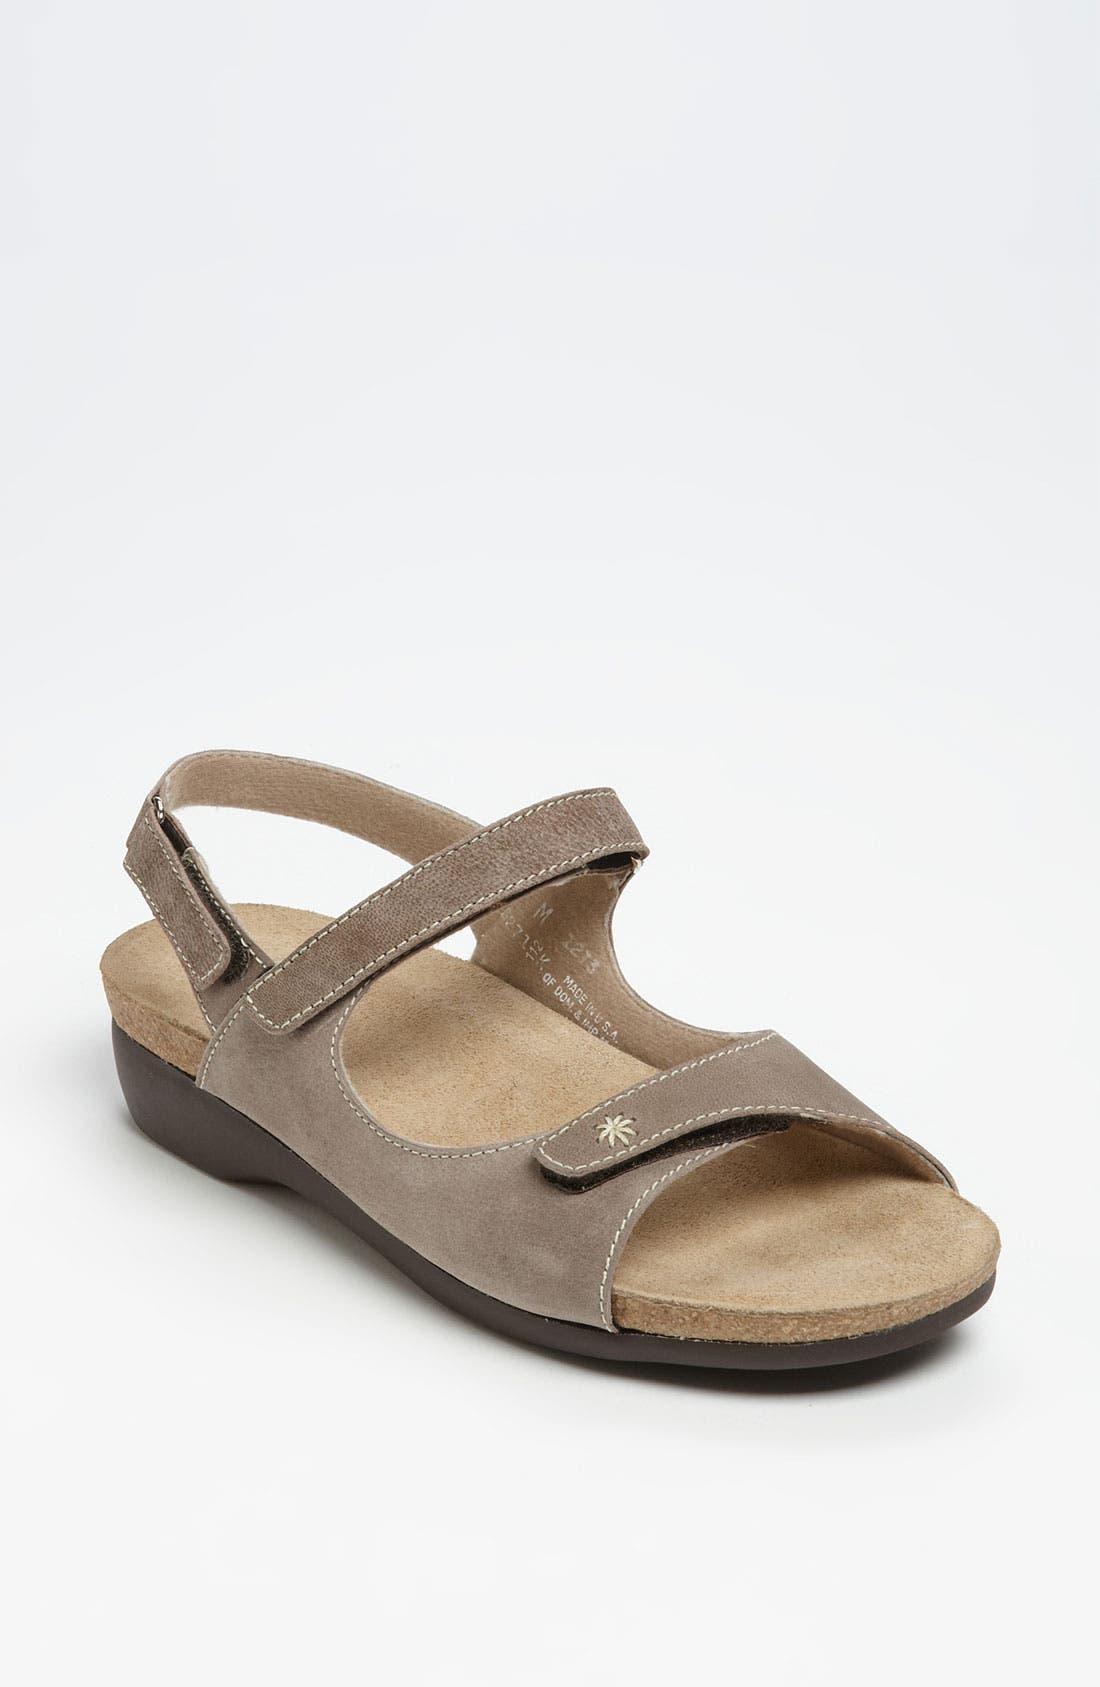 Alternate Image 1 Selected - Munro 'Gemini' Sandal